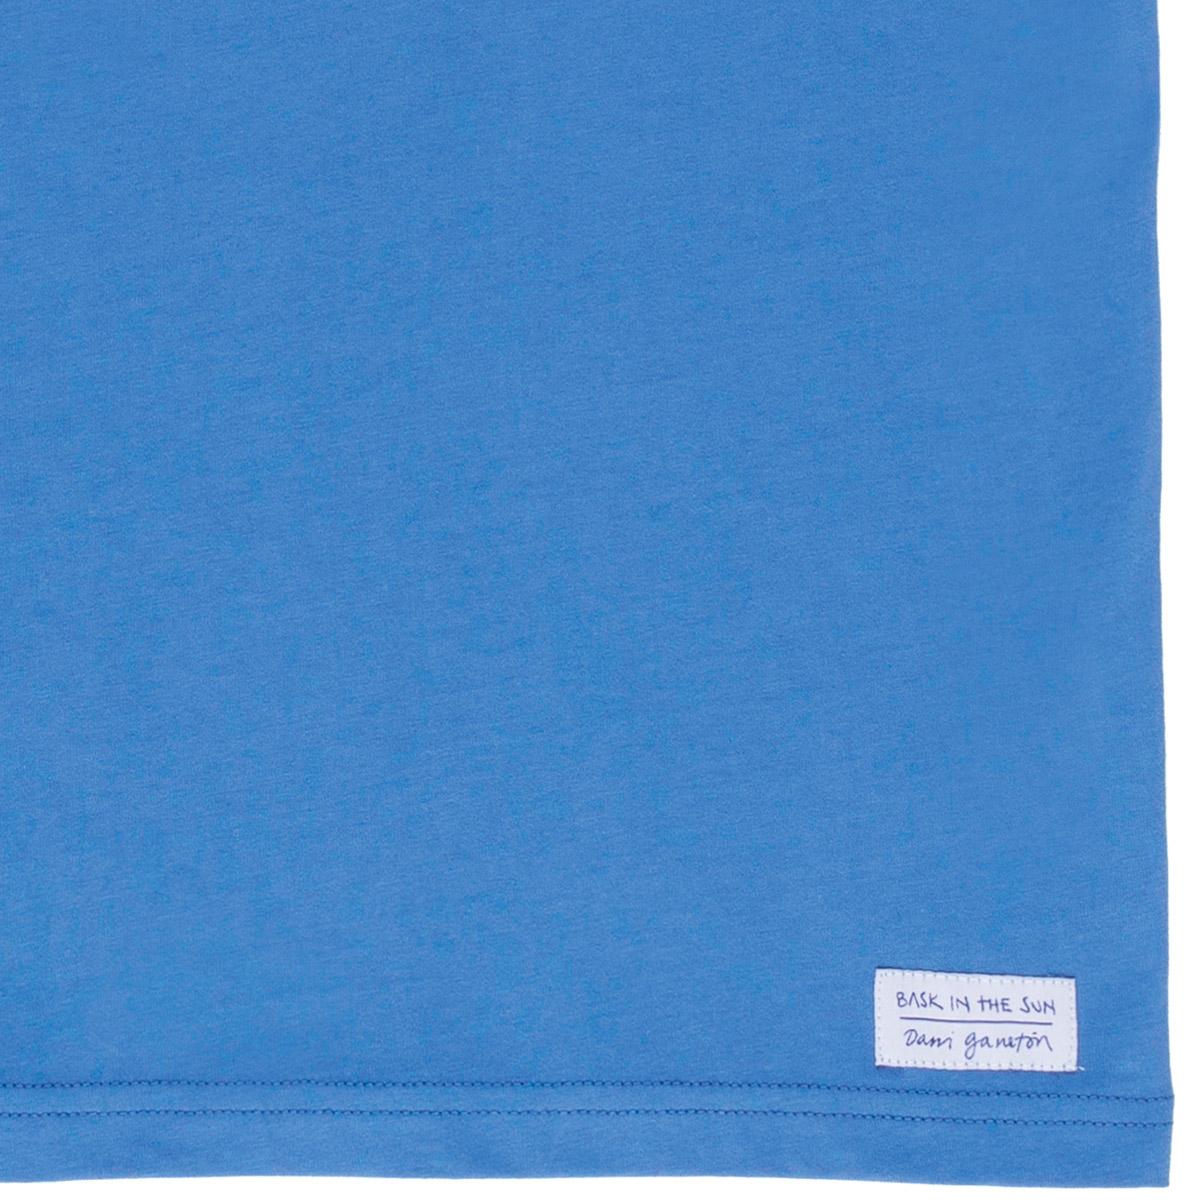 T-shirt en coton bio blue fishy - Bask in the Sun num 2